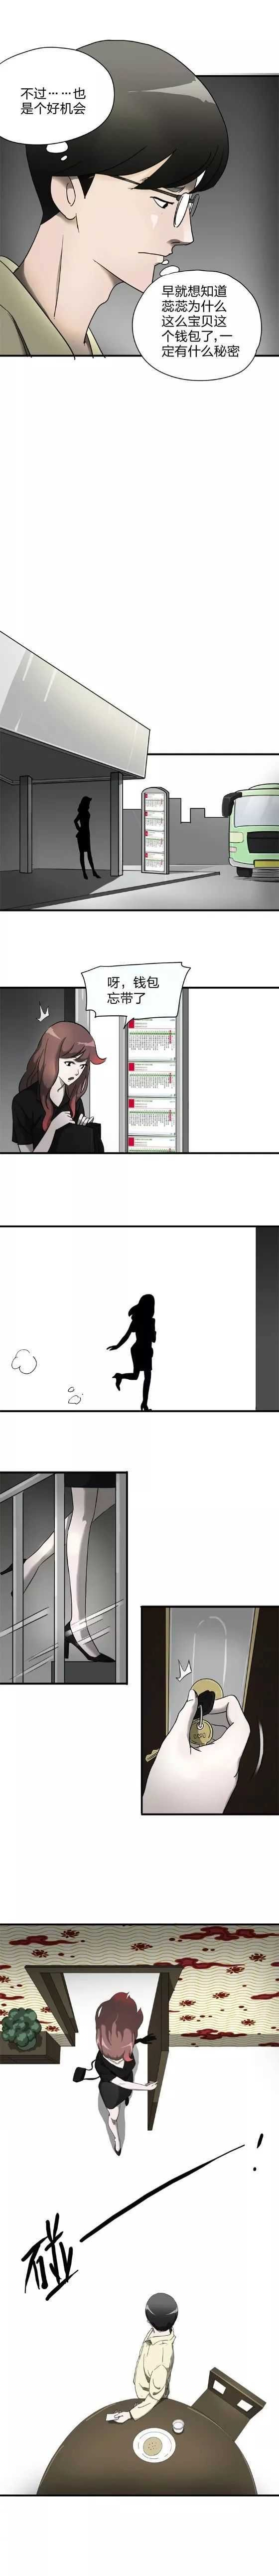 恐怖漫画《女友不可告人的秘密》 女友秘密被发现时突发心脏病